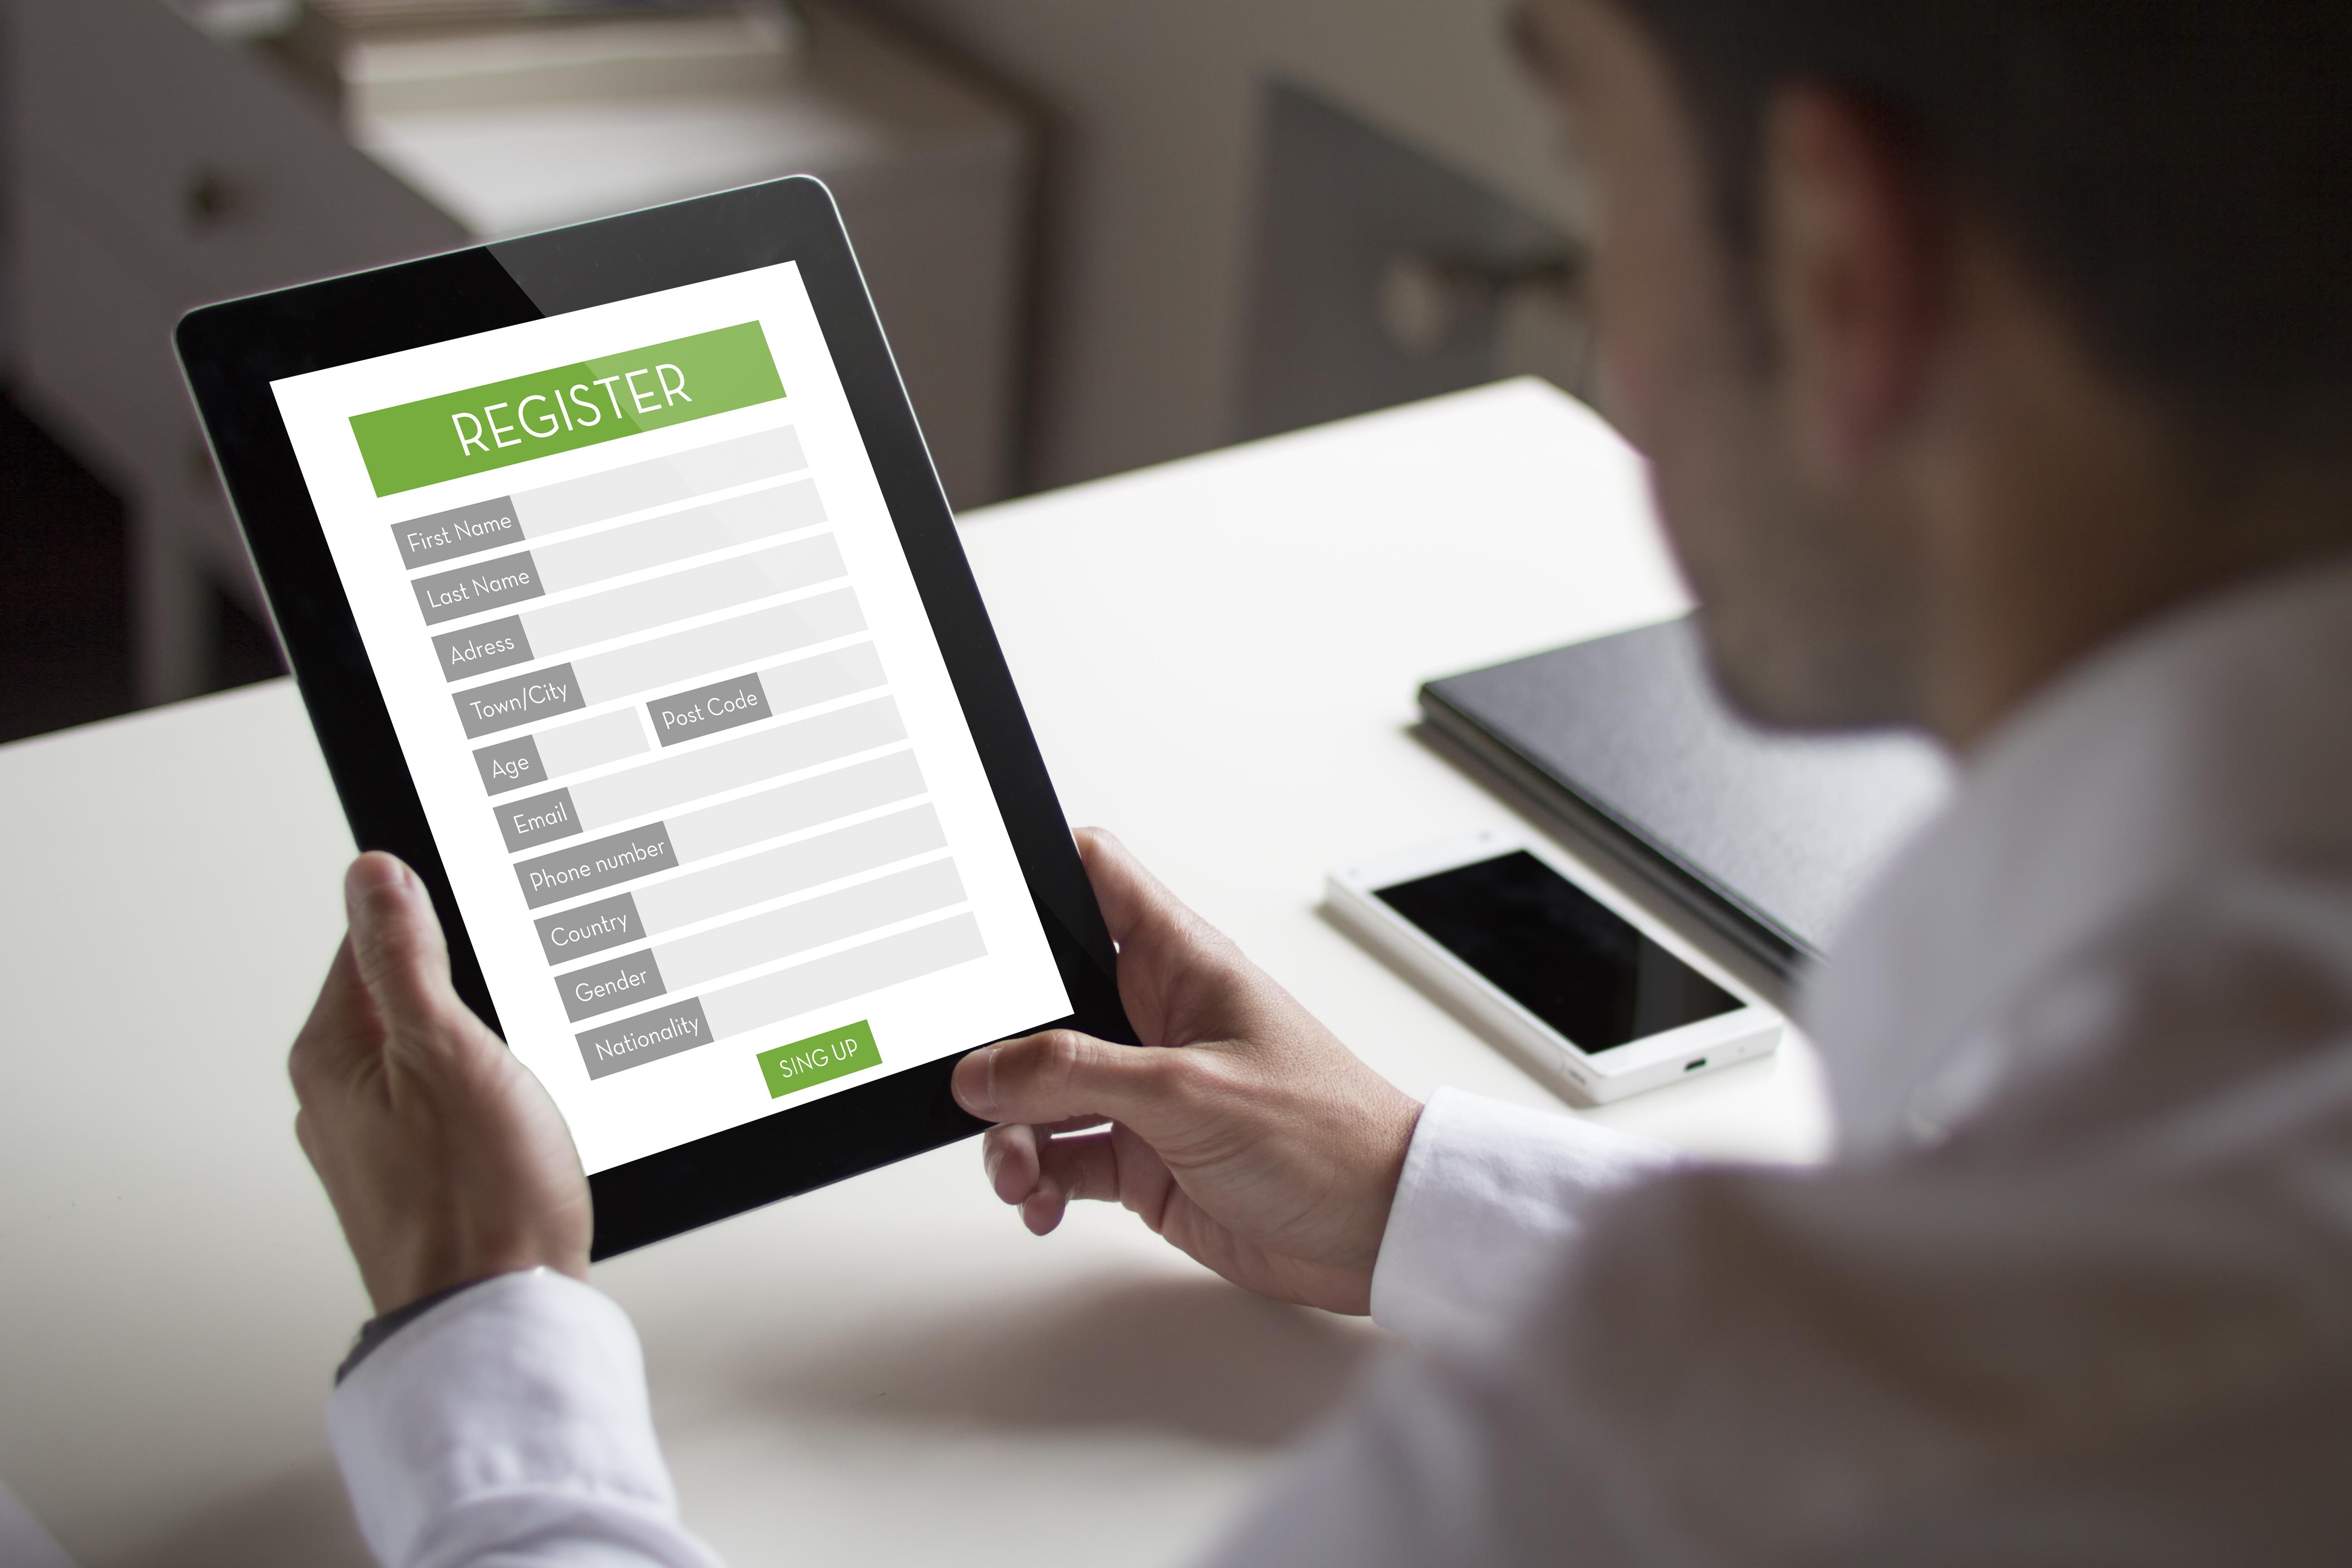 online form design tips for mobile optimization